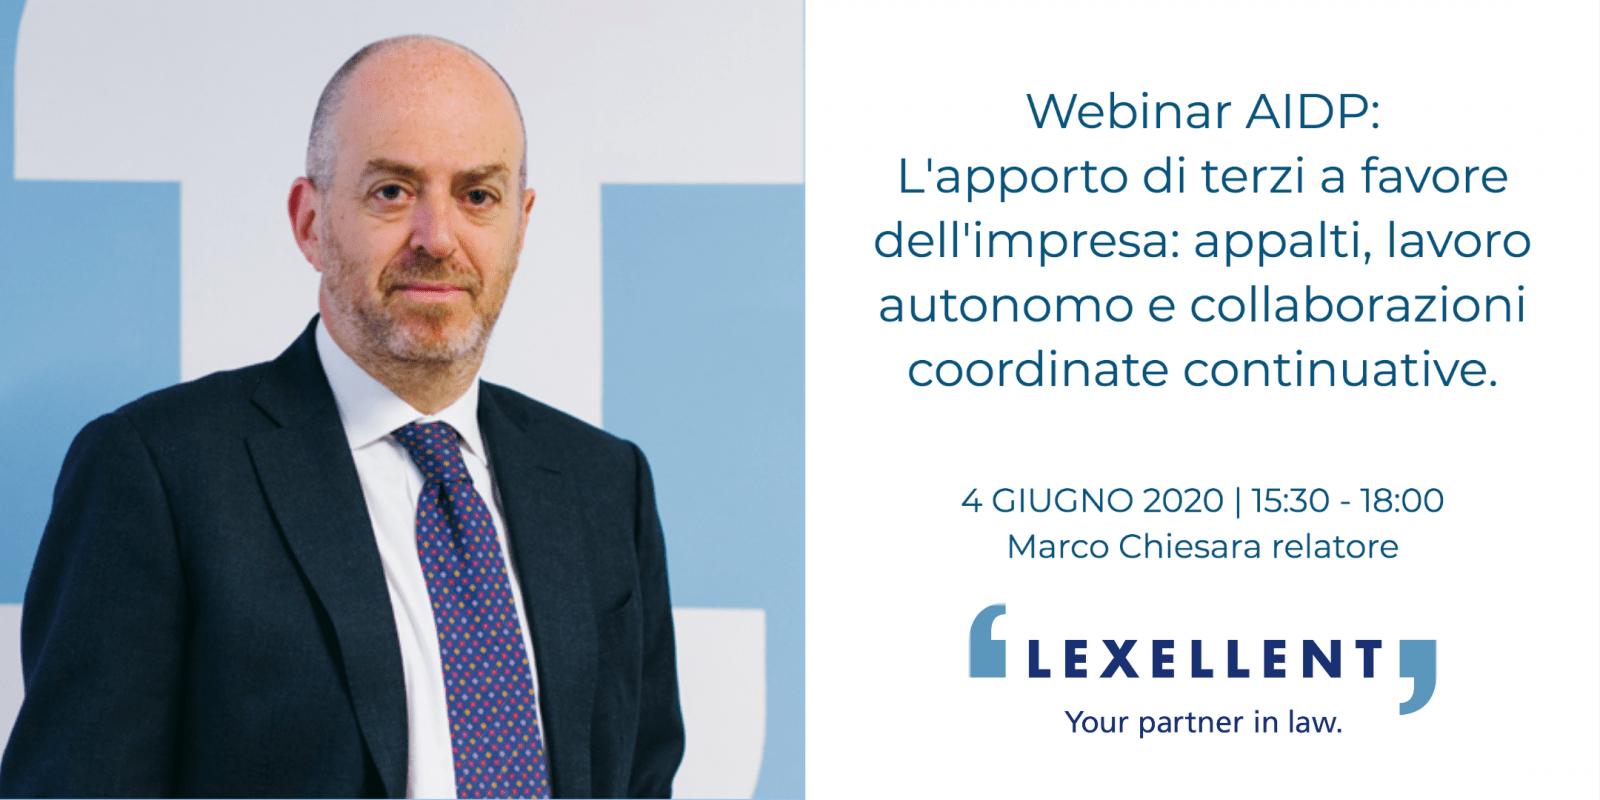 Marco Chiesara relatore al Webinar AIDP: L'apporto di terzi a favore dell'impresa: appalti, lavoro autonomo e collaborazioni coordinate continuative.